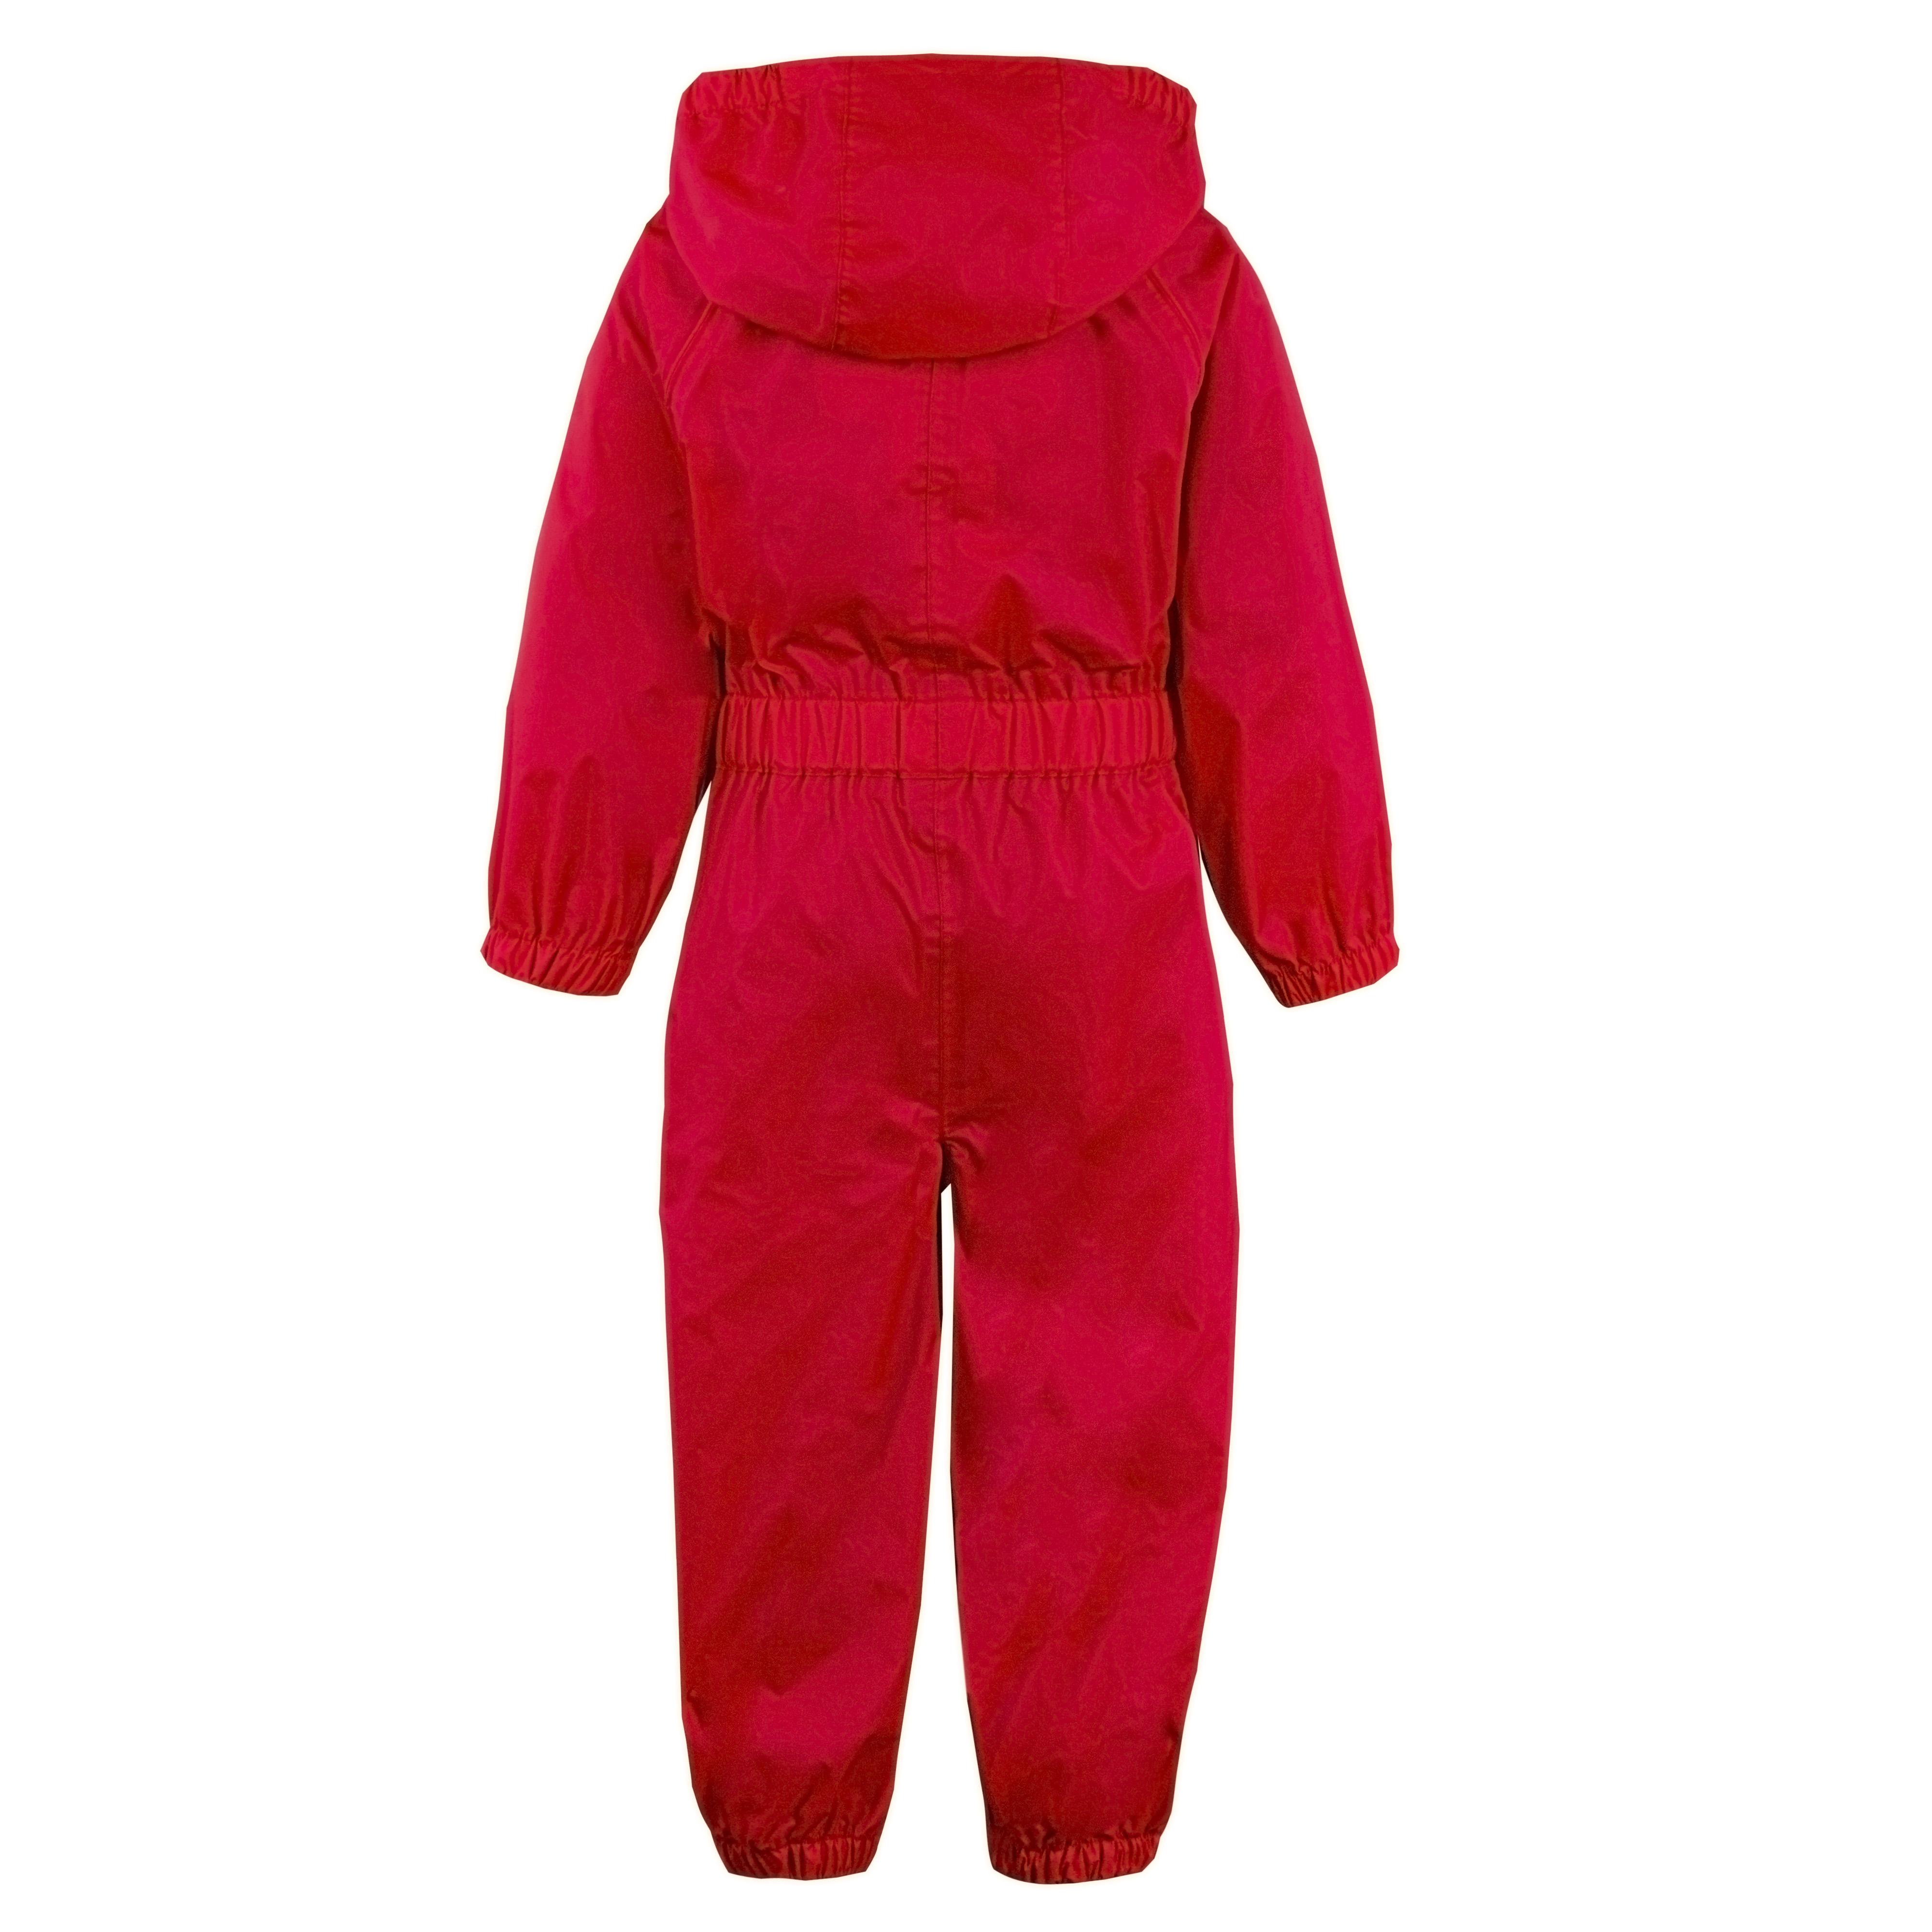 Childs-Enfants-Unisexe-Impermeable-Pluie-Puddle-Combinaison-Tout-en-Un-Leger-Fermeture-Eclair-Set miniature 10